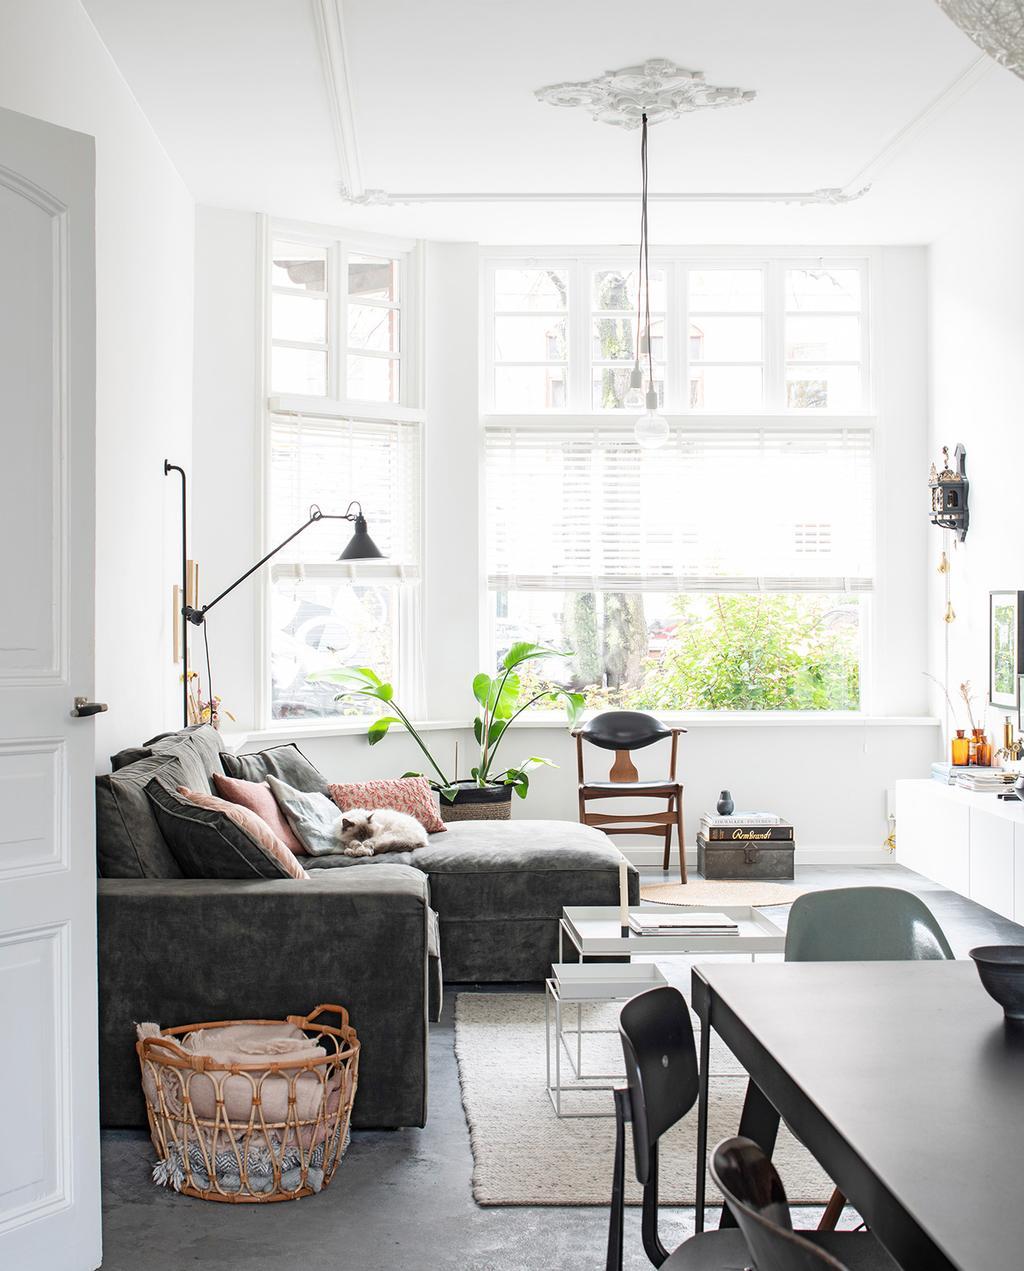 vtwonen 02-2021 | woonkamer met grijze hoekbank in een monumentaal pand moderne allure | klushuis